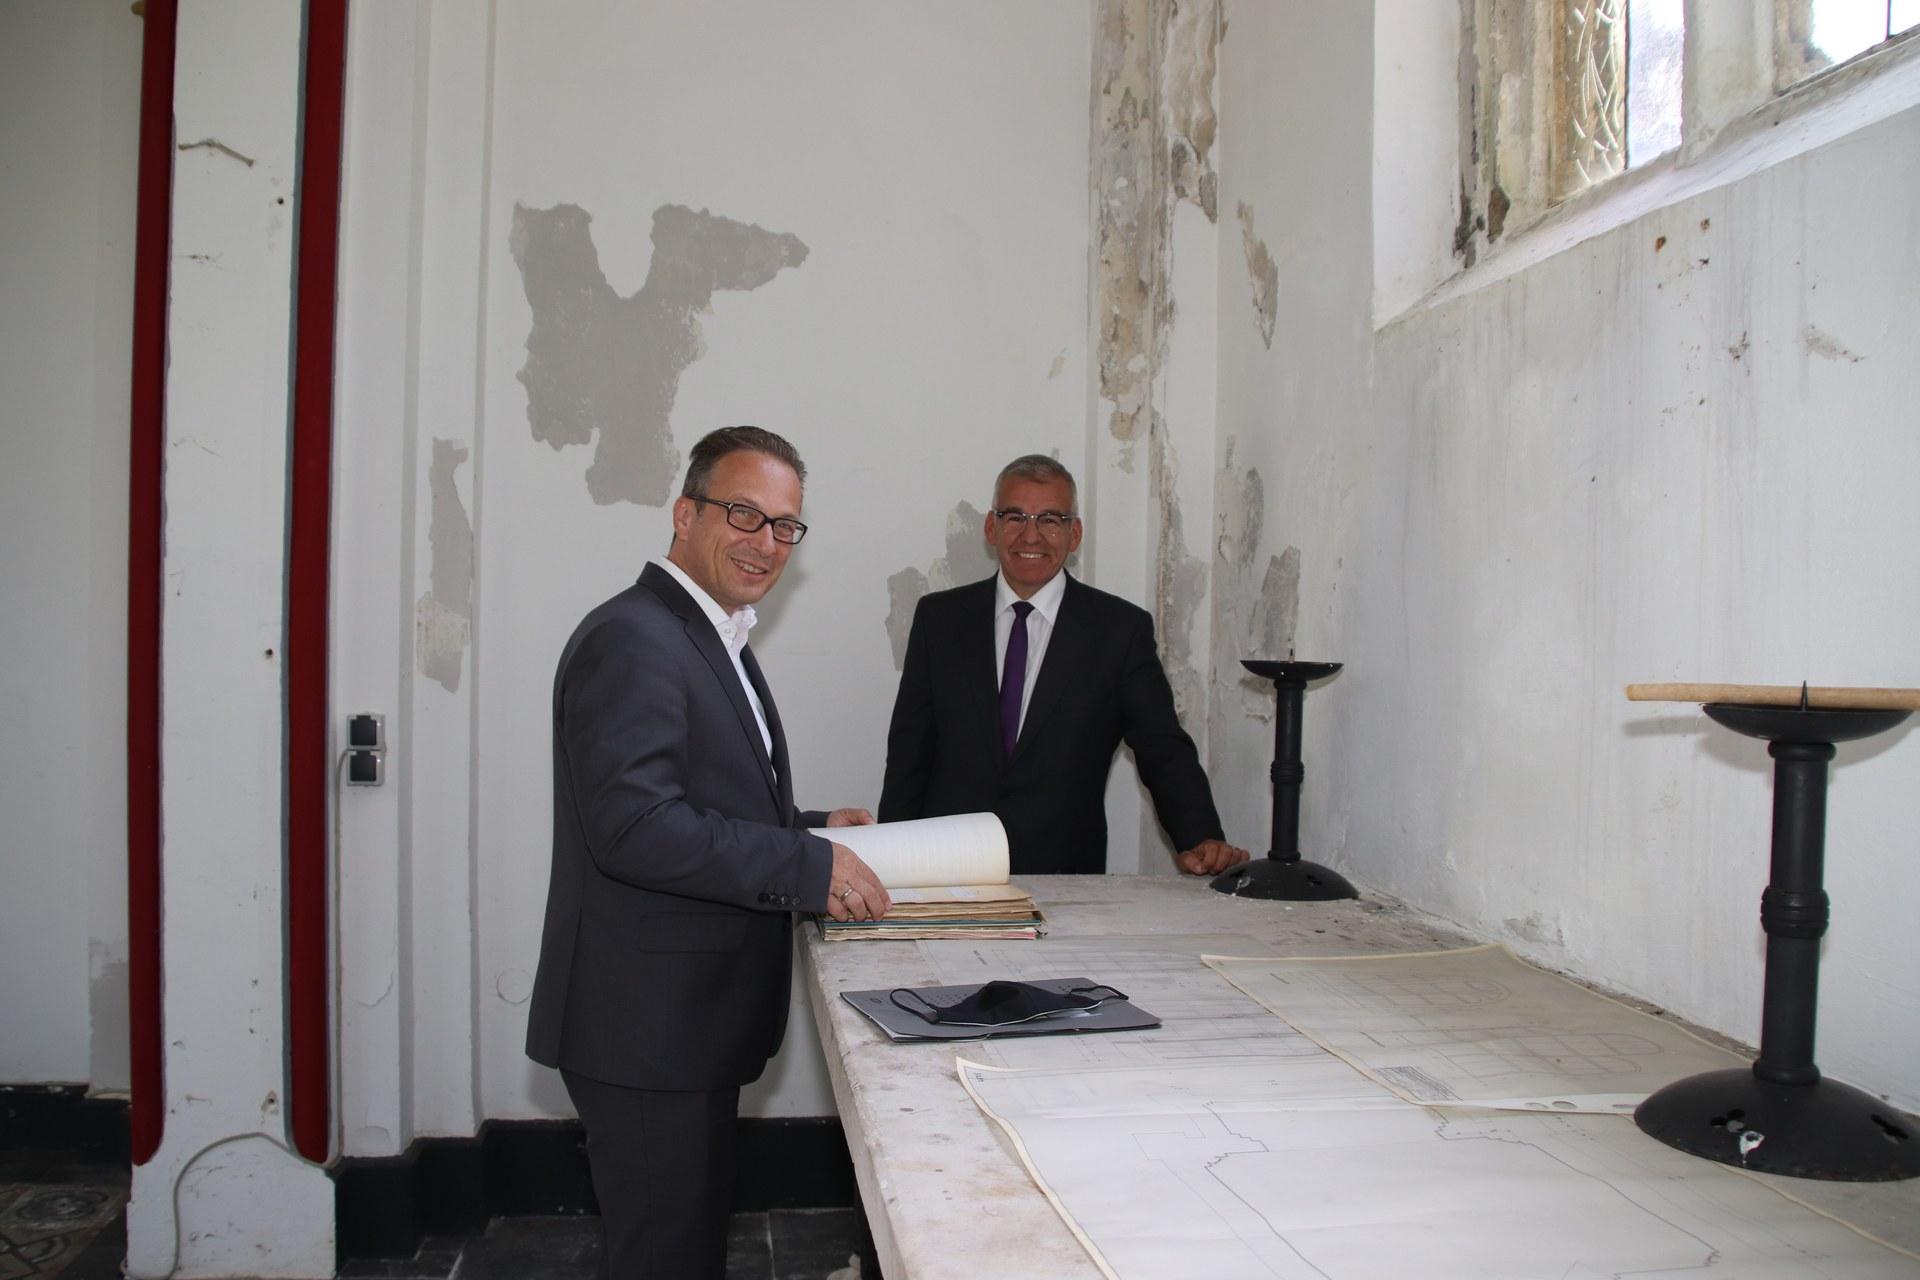 BM Reiner Breuer und Markus Jansen in der Kapelle.JPG